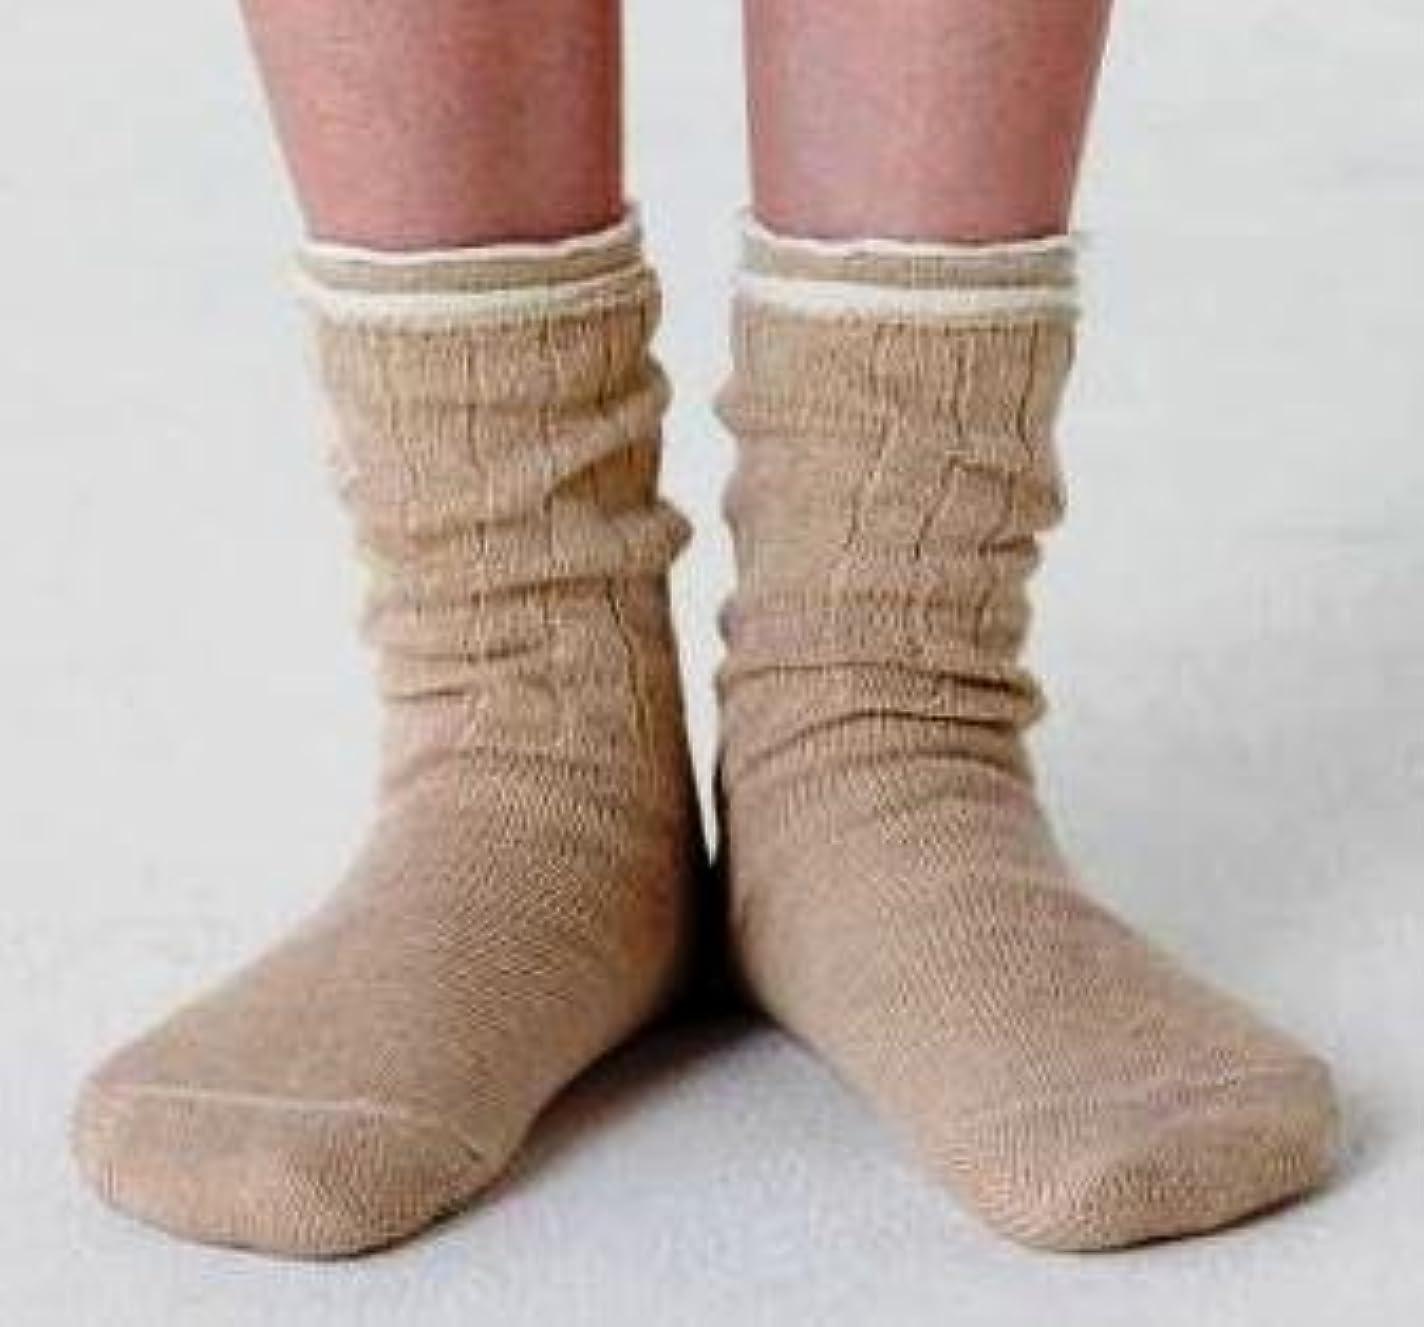 再開コンプライアンス市町村冷え取り靴下 4枚重ね履きソックス(絹?綿?絹?綿) Lサイズ:25~27cm